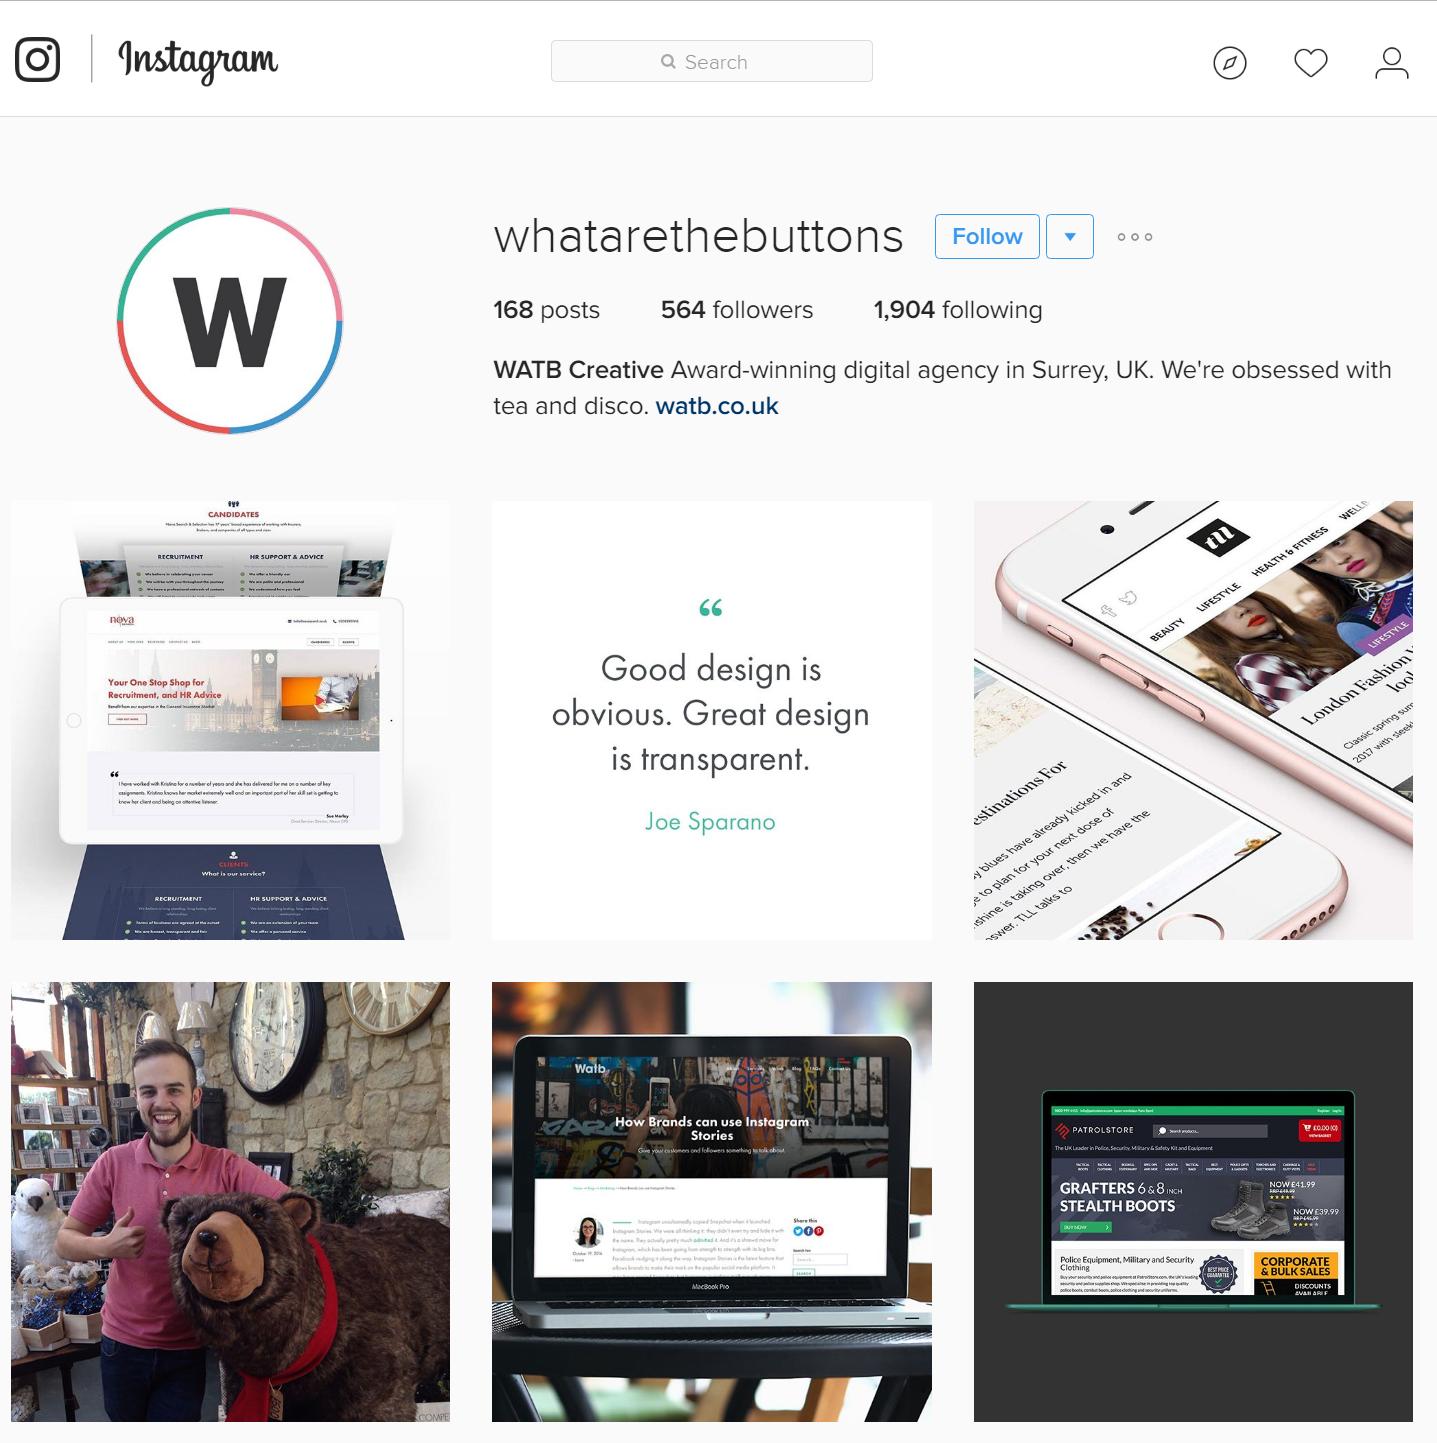 Watb's Instagram